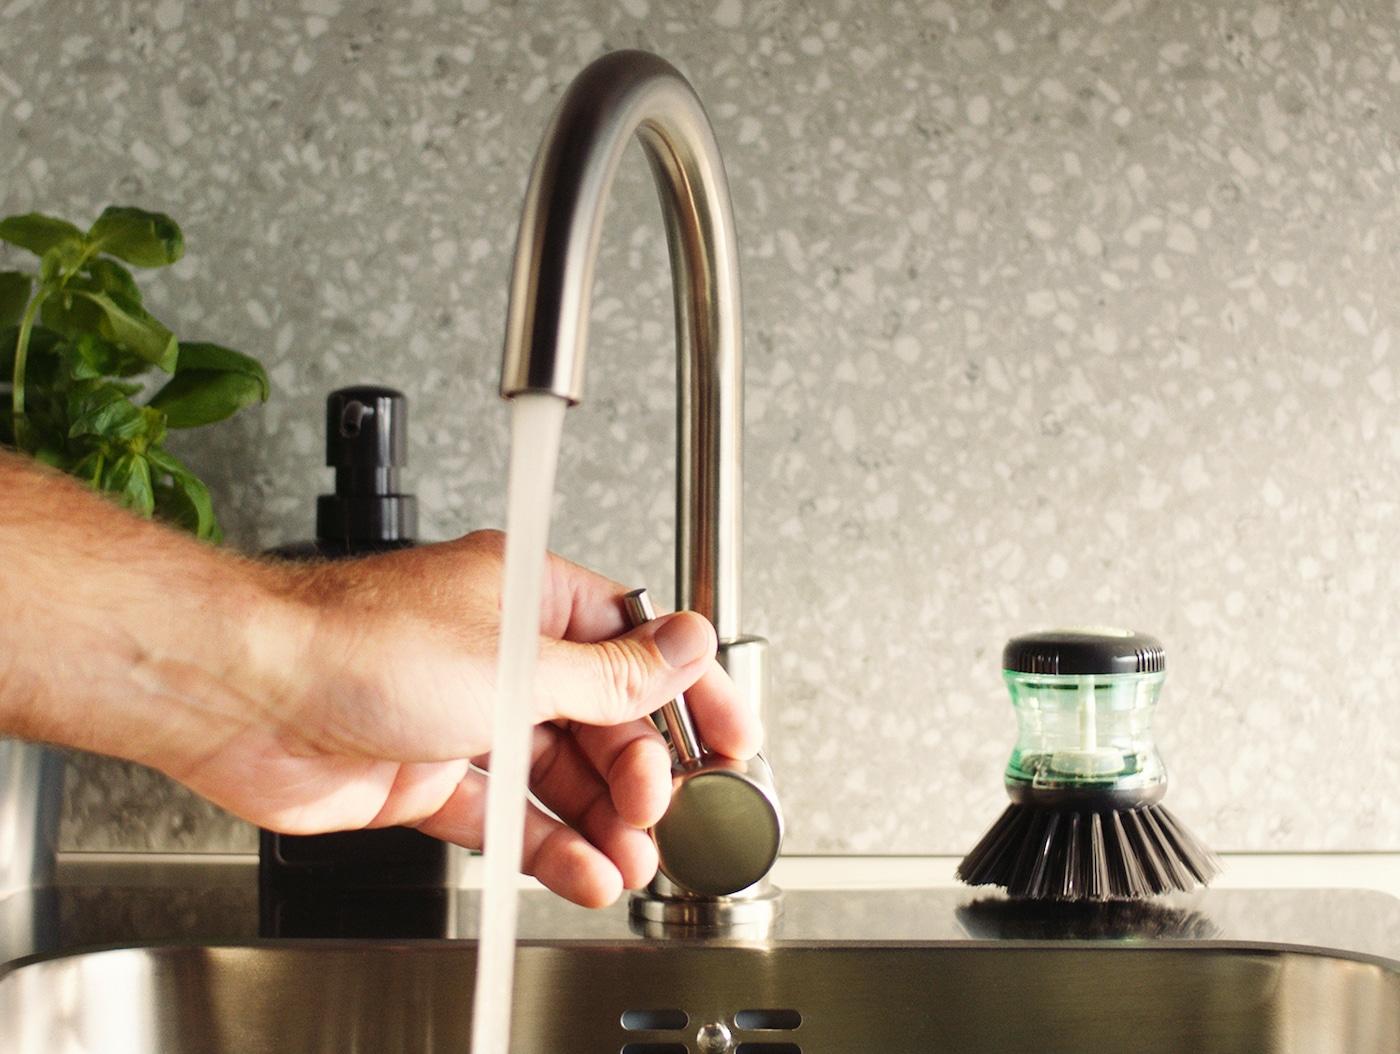 Roka prilagaja pretok vode GLYPEN kuhinjske armature iz nerjavečega jekla poleg TÅRTSMET ščetke za posodo.